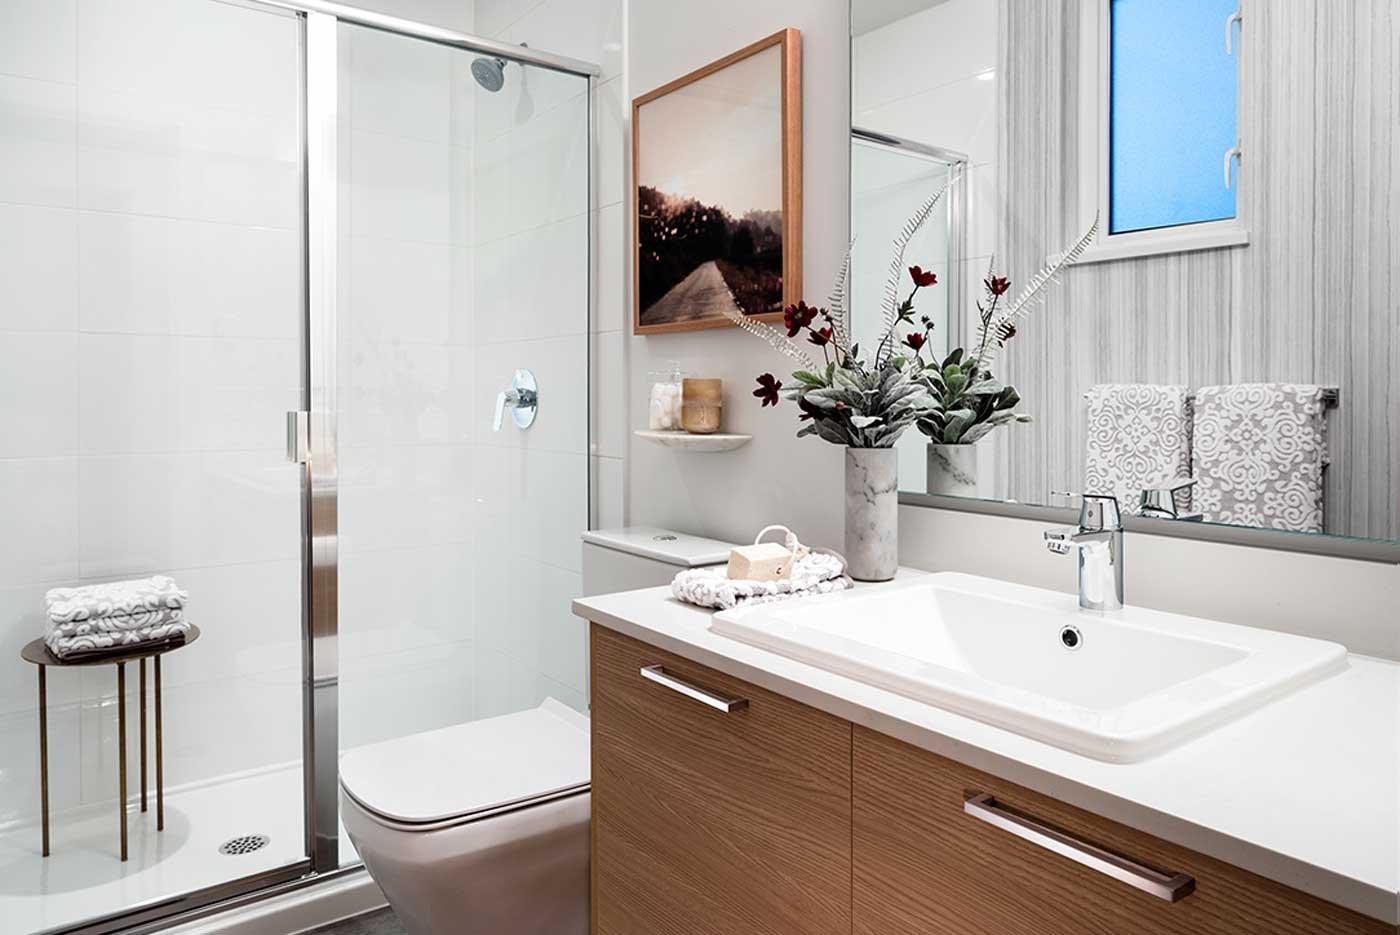 Bathroom - 18505 Laurensen Place, Surrey, BC V4N 6R7, Canada!